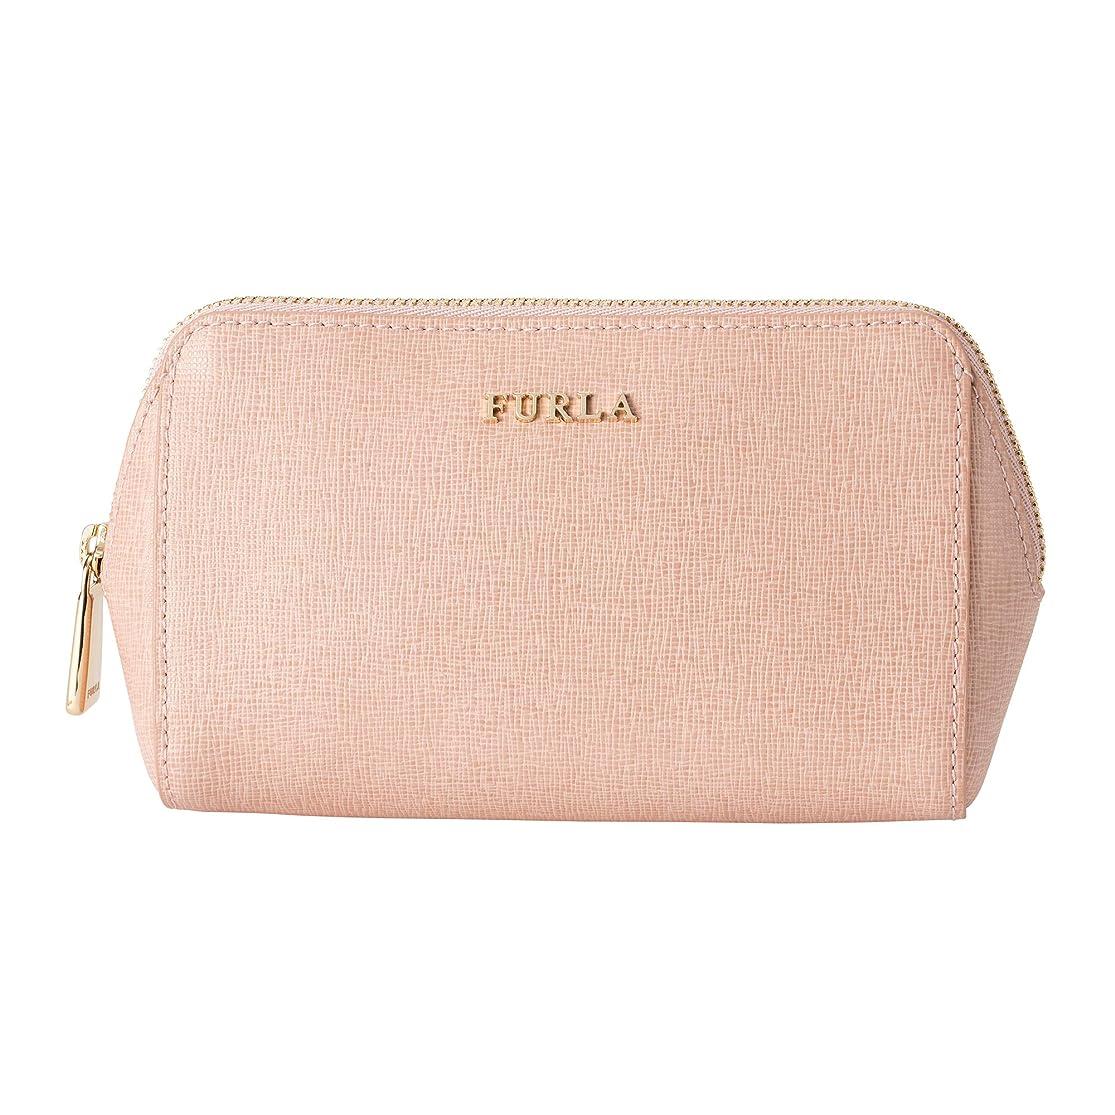 テーマ理想的には縫う(フルラ) FURLA ELECTRA M COSMETIC CASE ポーチ #EM32 B30 6M0 850685 MOONSTONE 並行輸入品